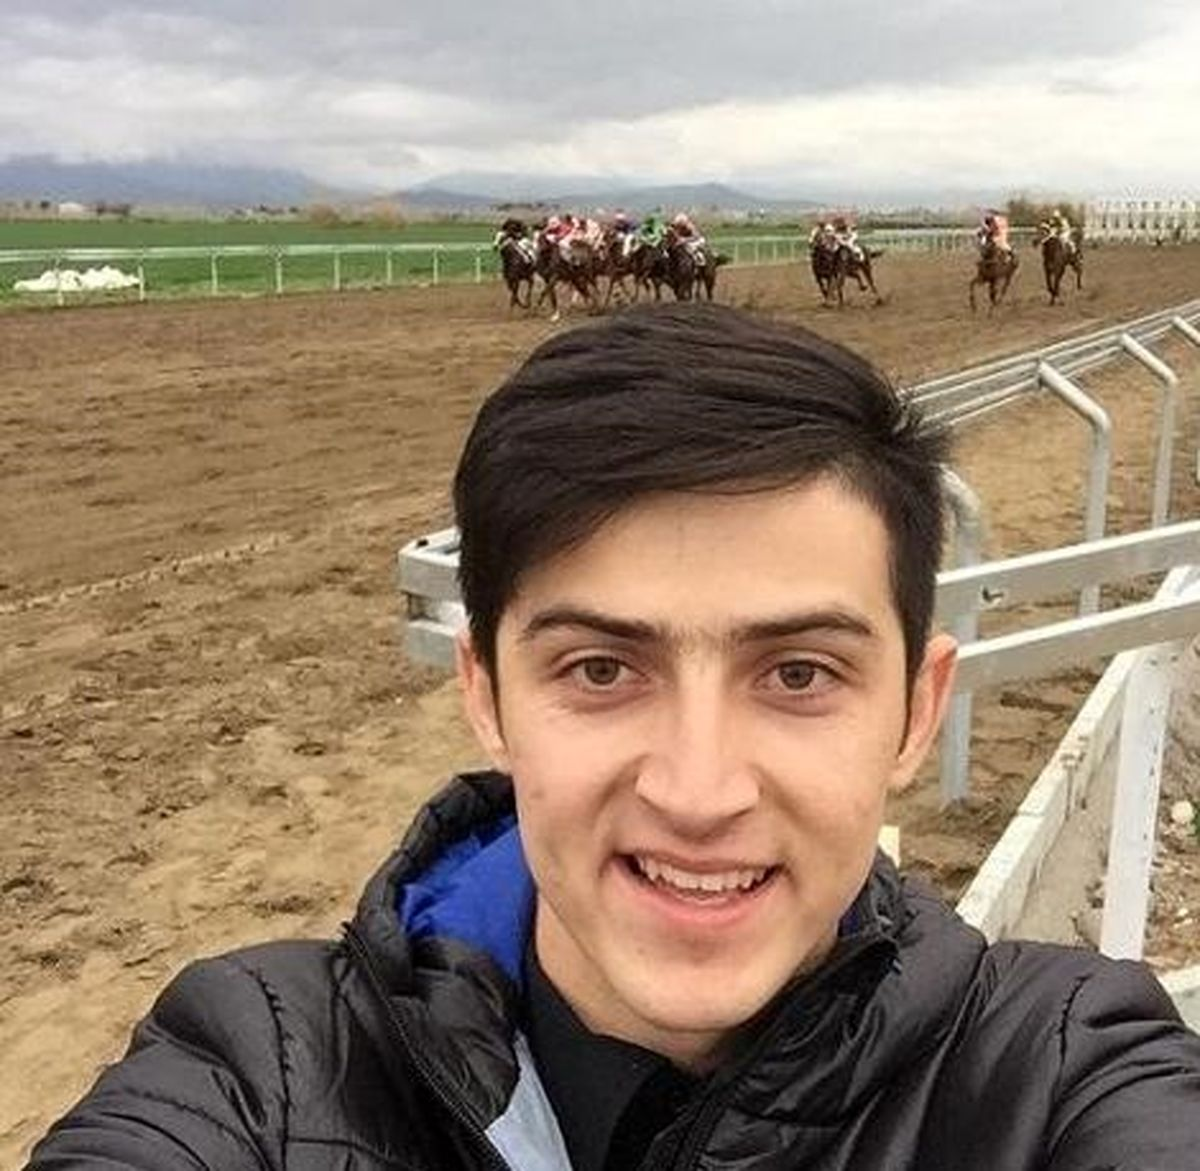 عکس دیده نشده از اسب 2 میلیاردی سردار آزمون